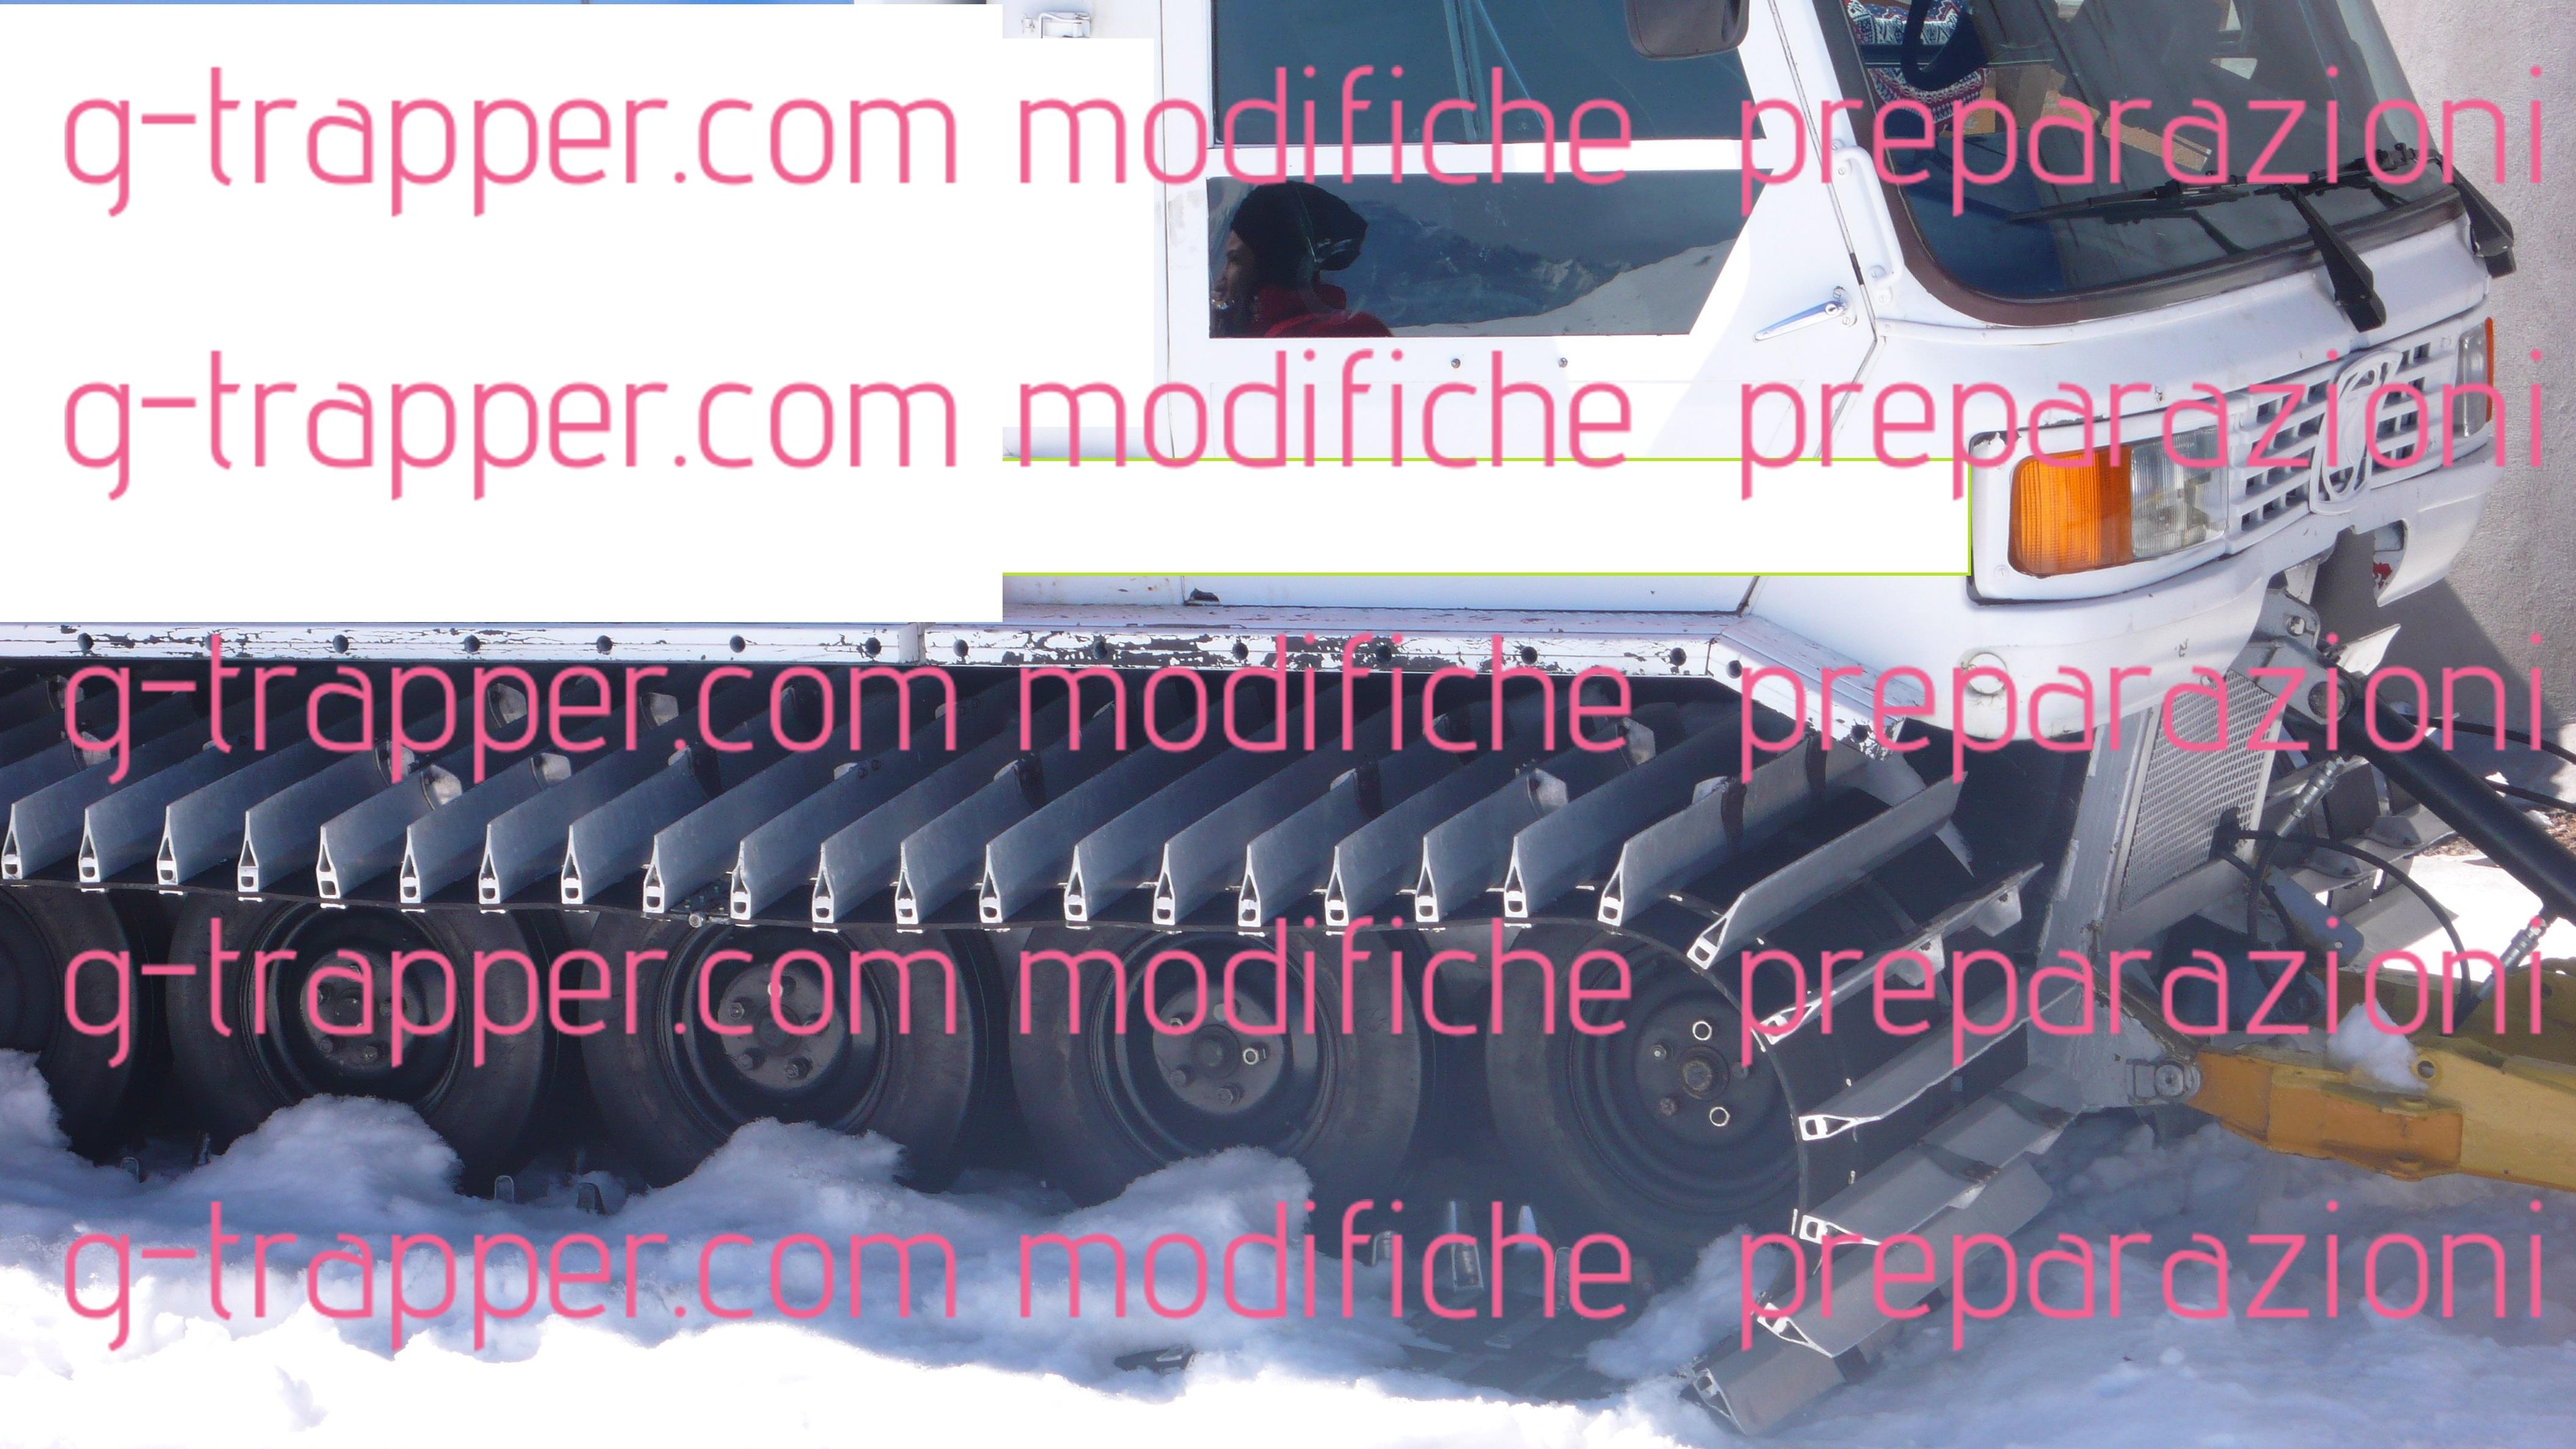 acquisto preparazione vendita veicoli speciali furgoni pulmini mezzi da lavoro e competizione g-trapper.com